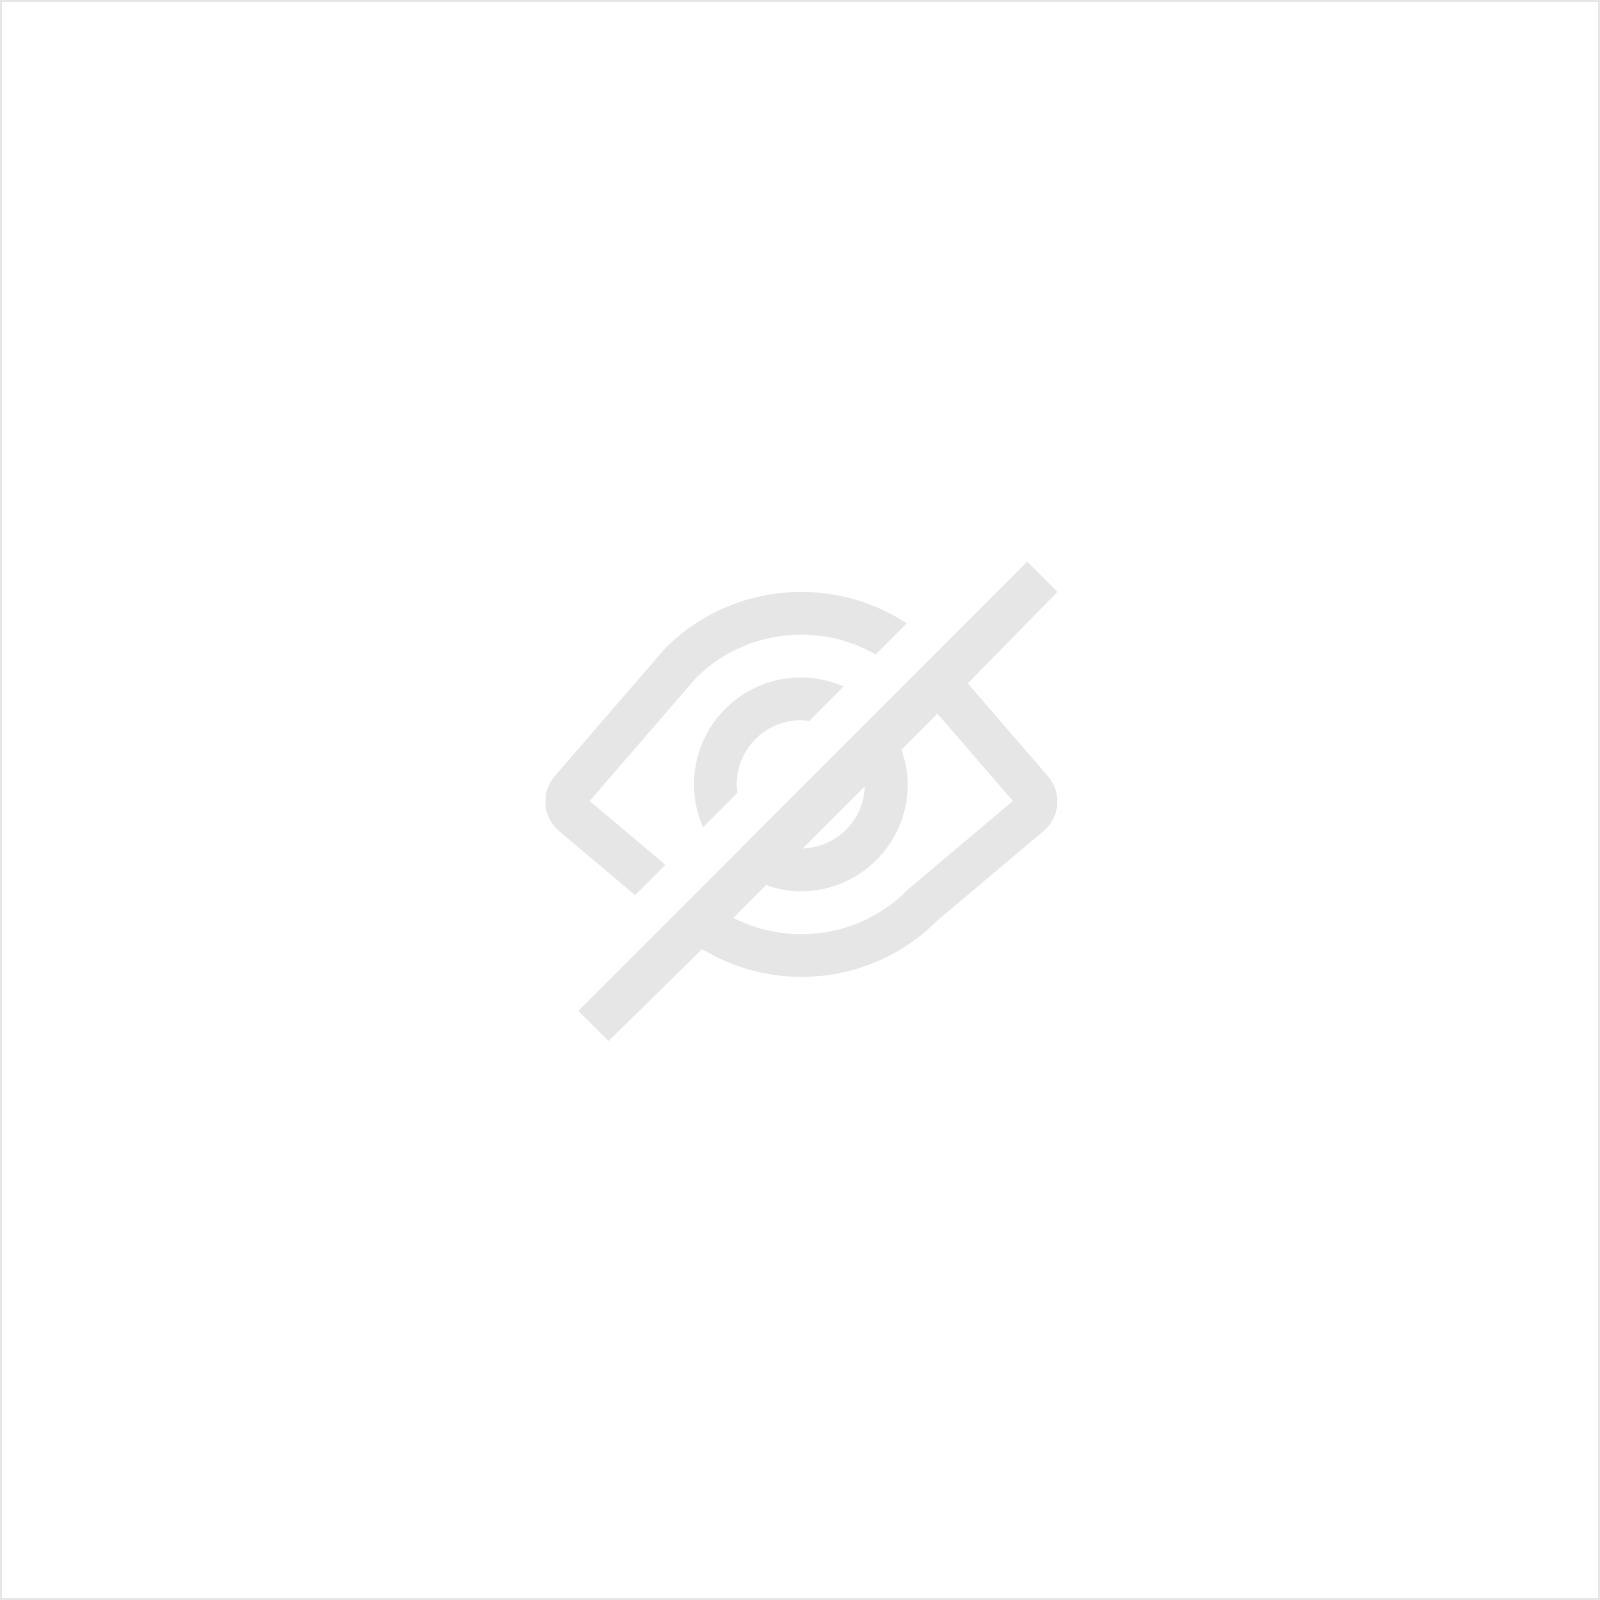 WERKPLAATSMEUBEL COMBI 5 - IMOLA